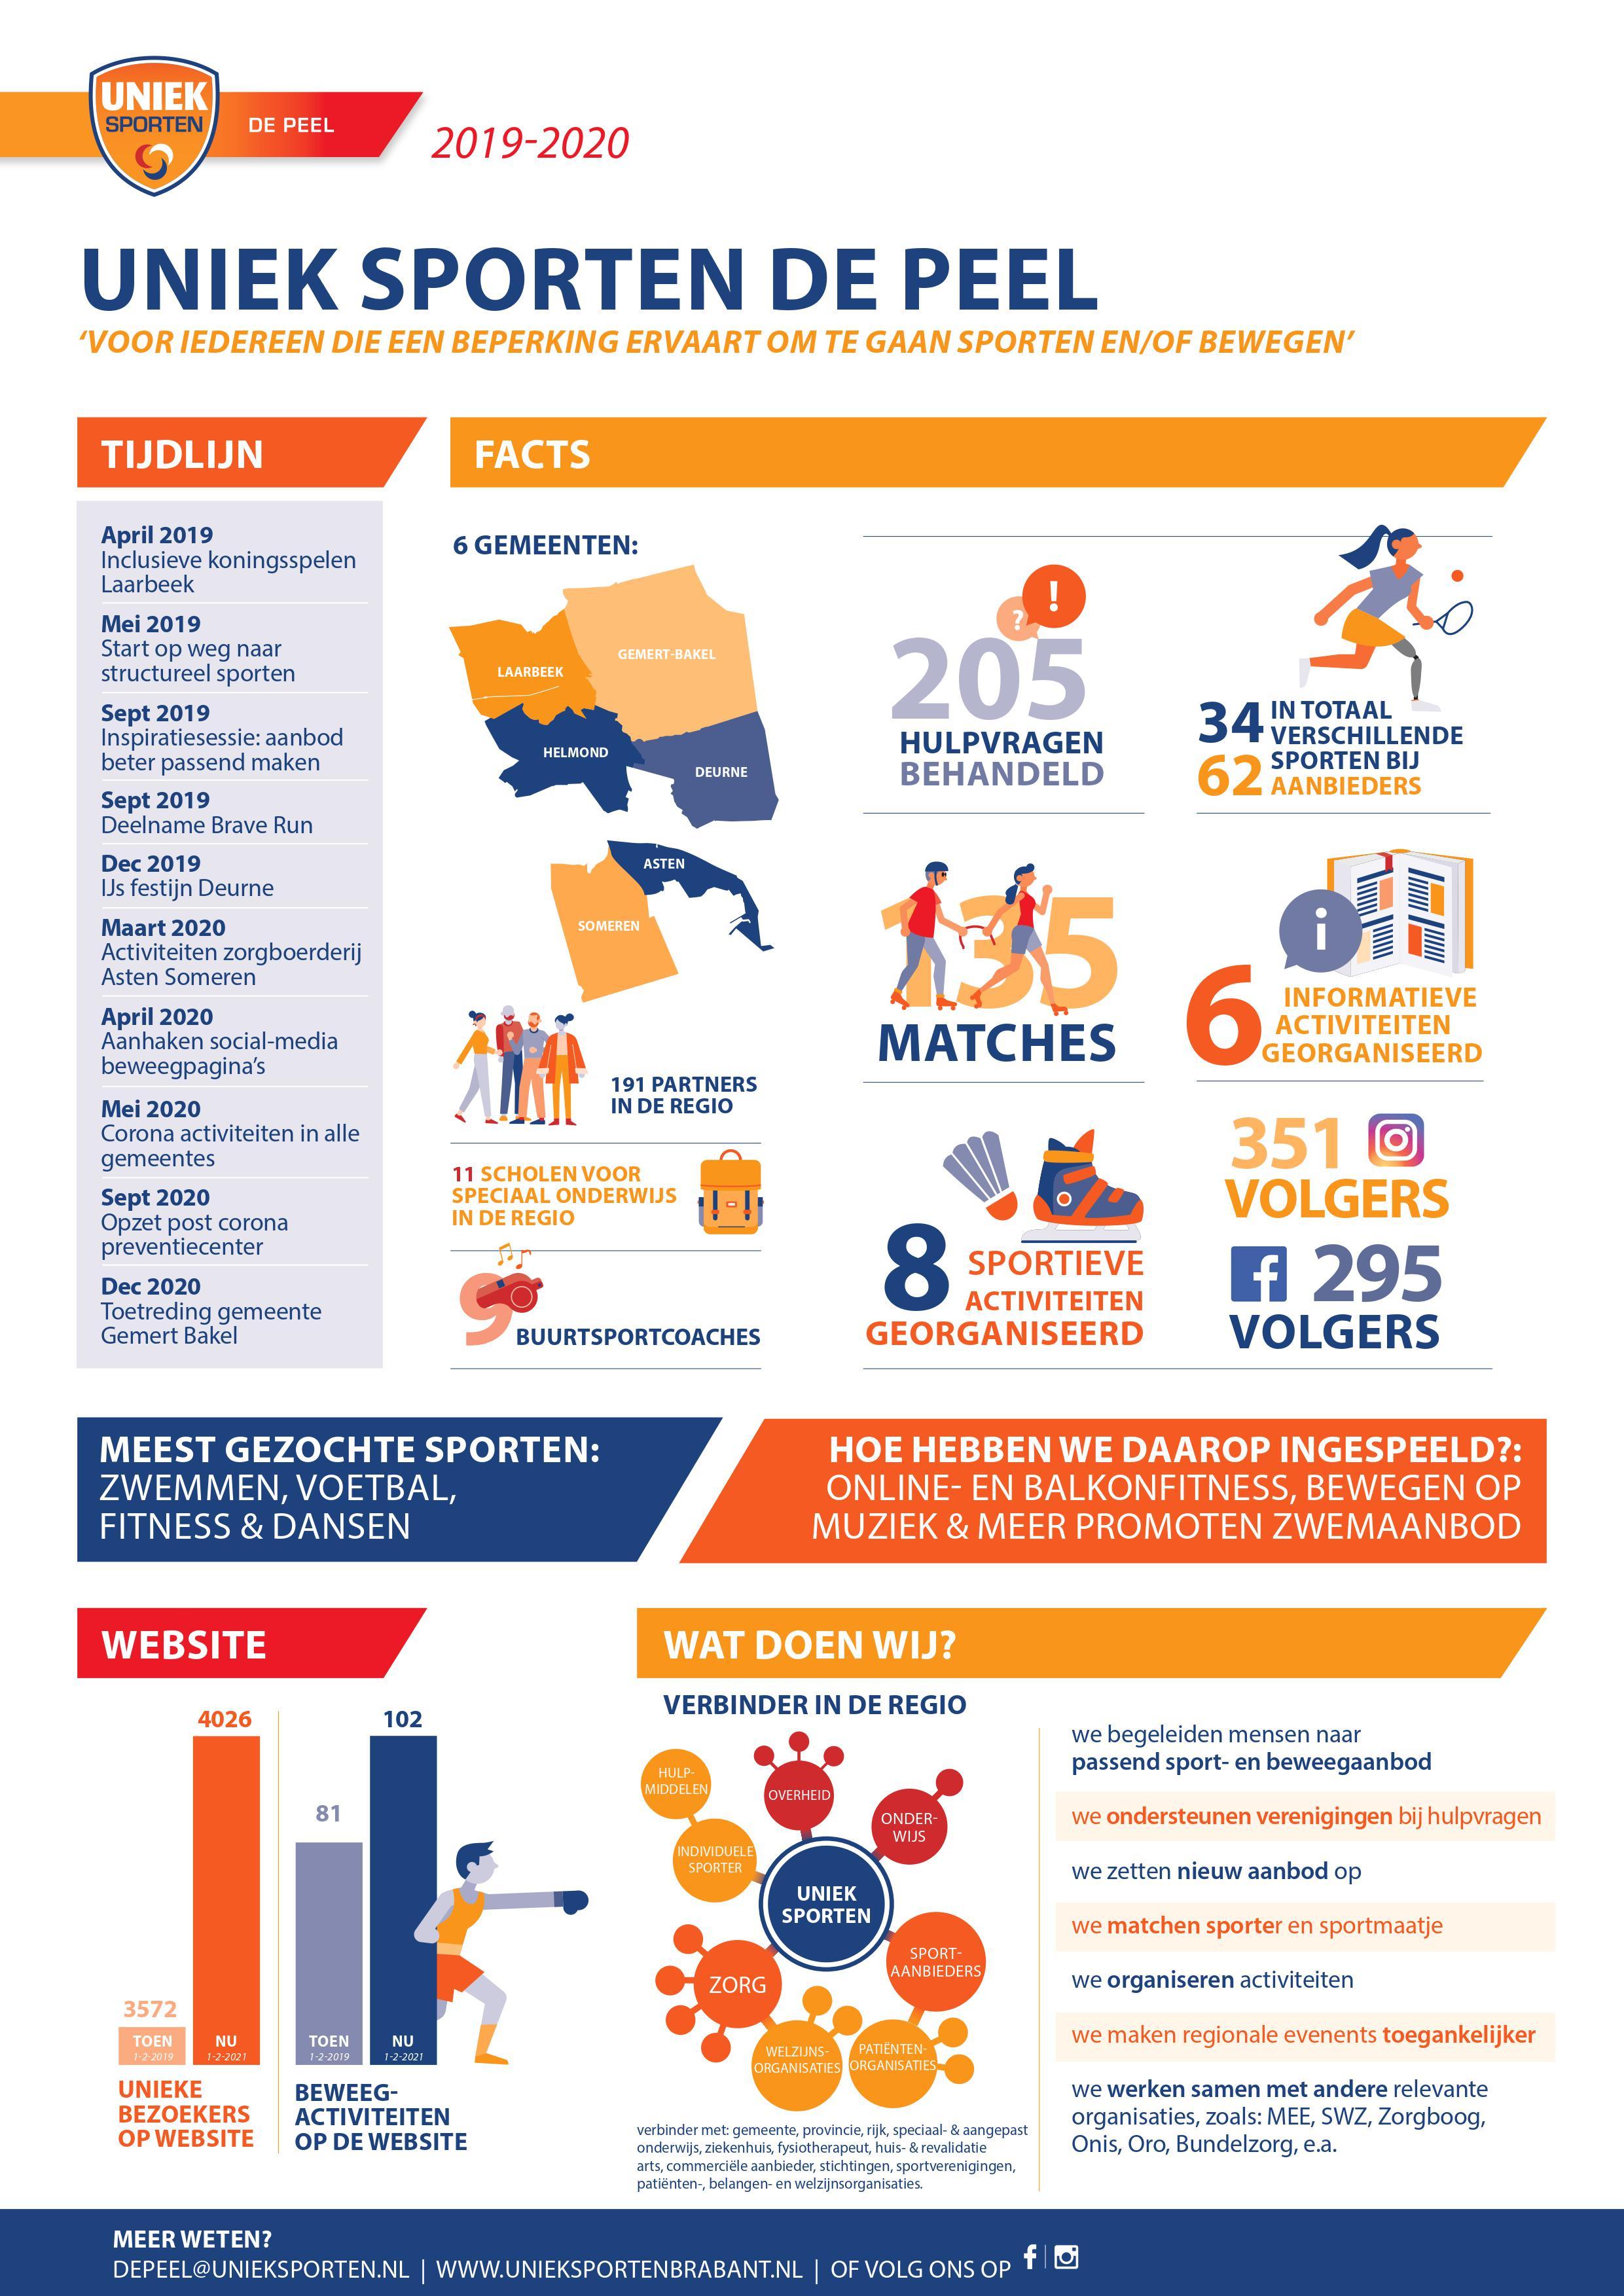 Infographic Uniek Sporten de Peel 2019-2020